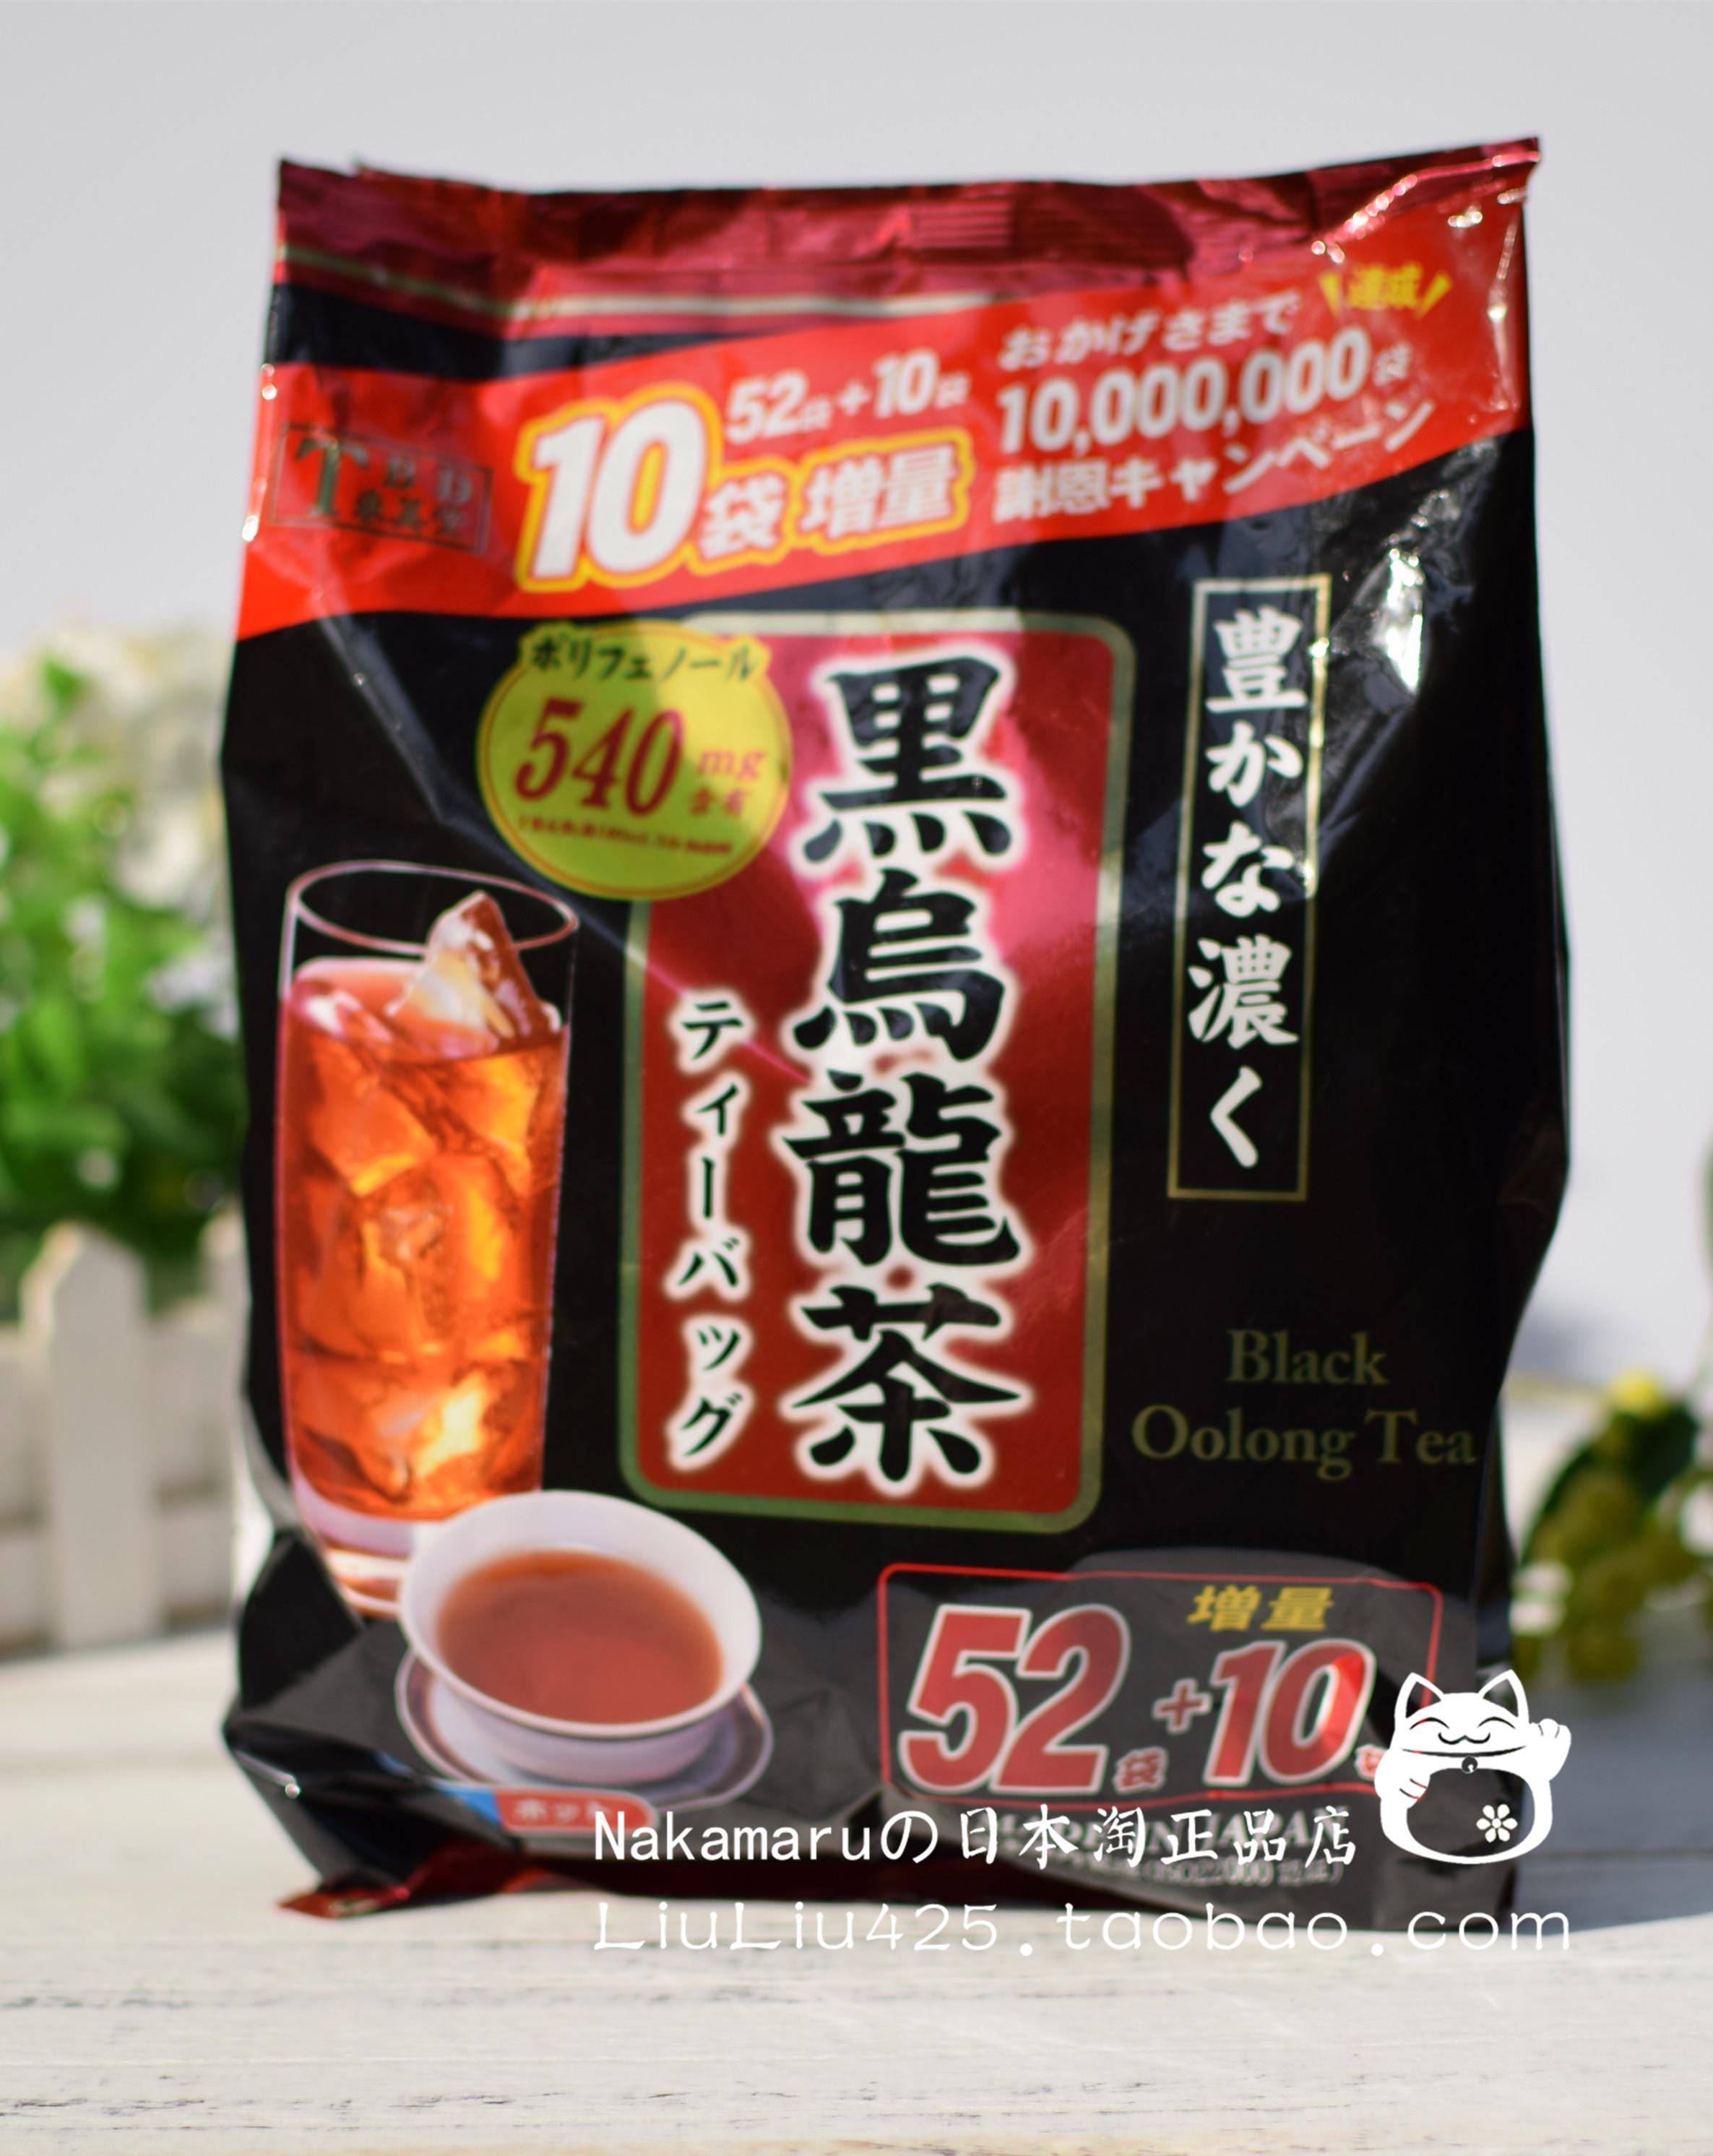 Японский оригинальный TBD восток прекрасный зал черный черный дракон чай 52+8 сумка